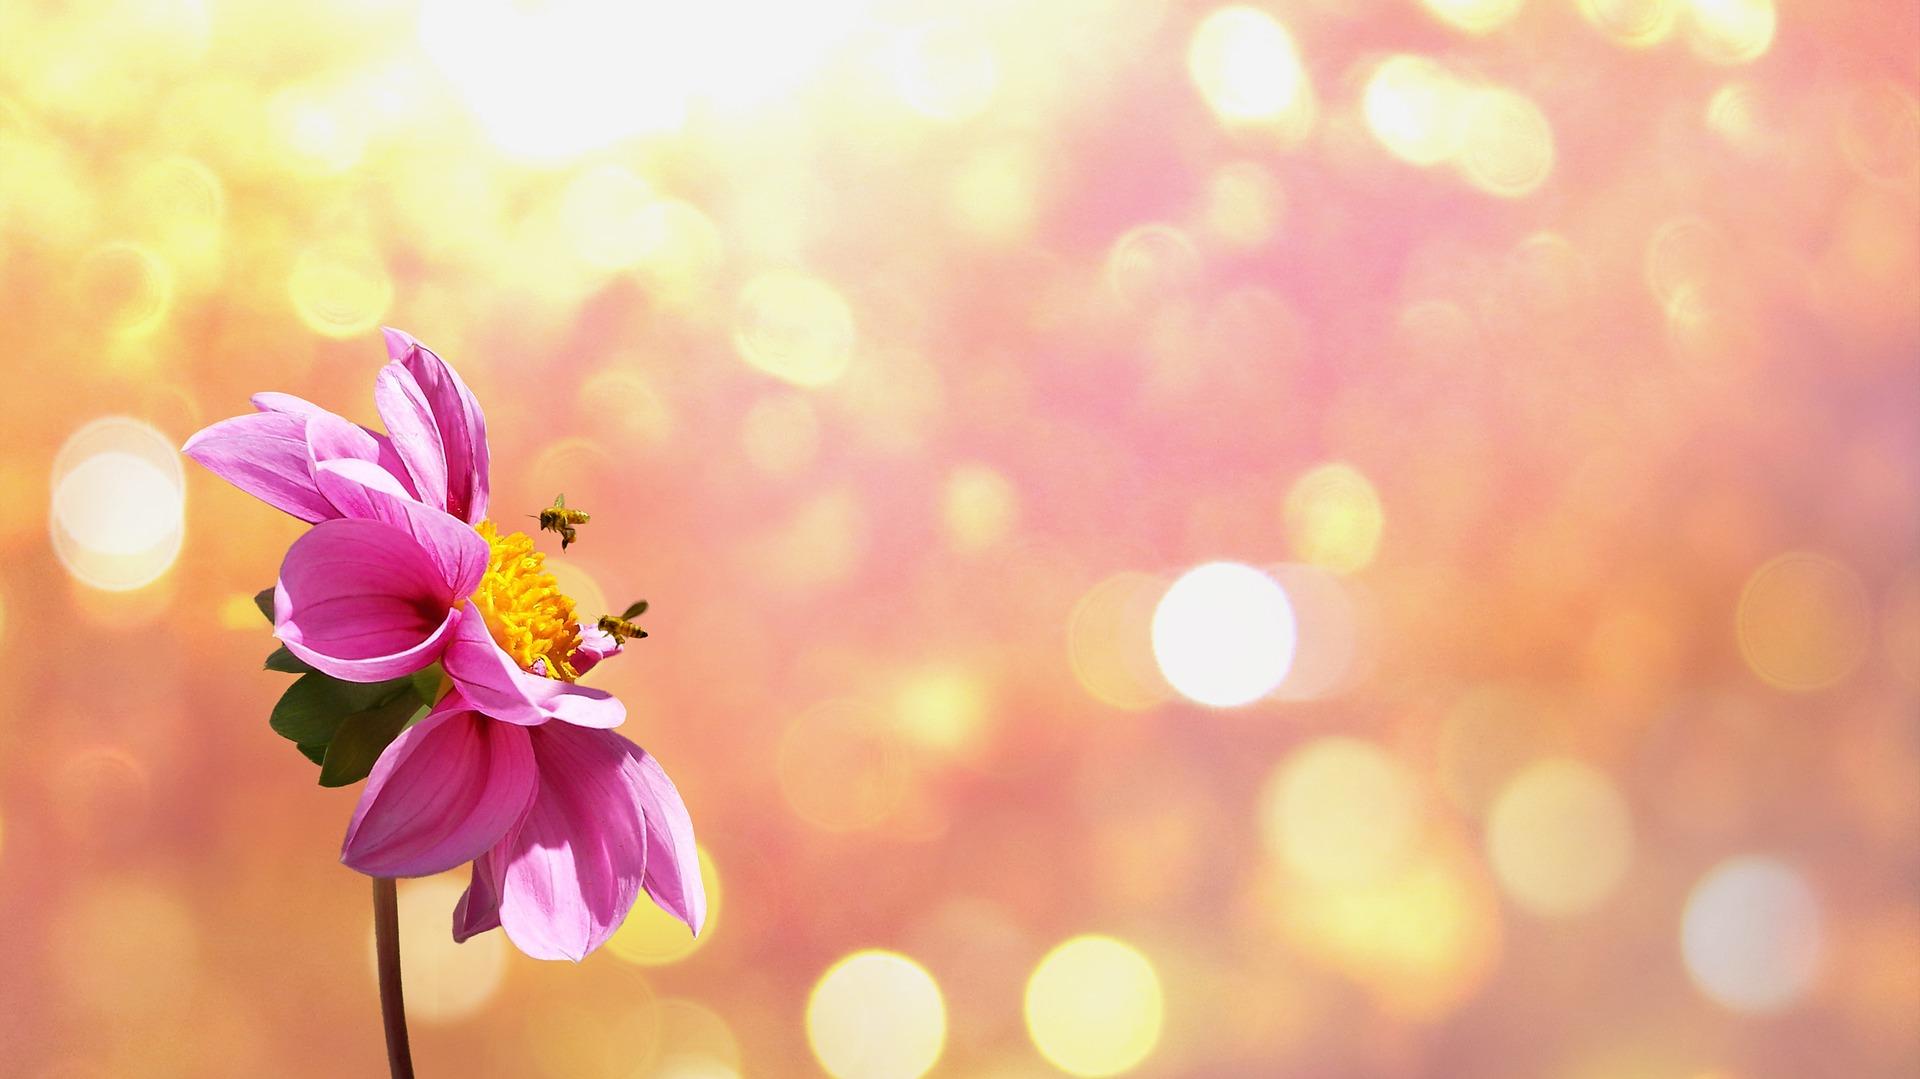 flower-1669899_1920